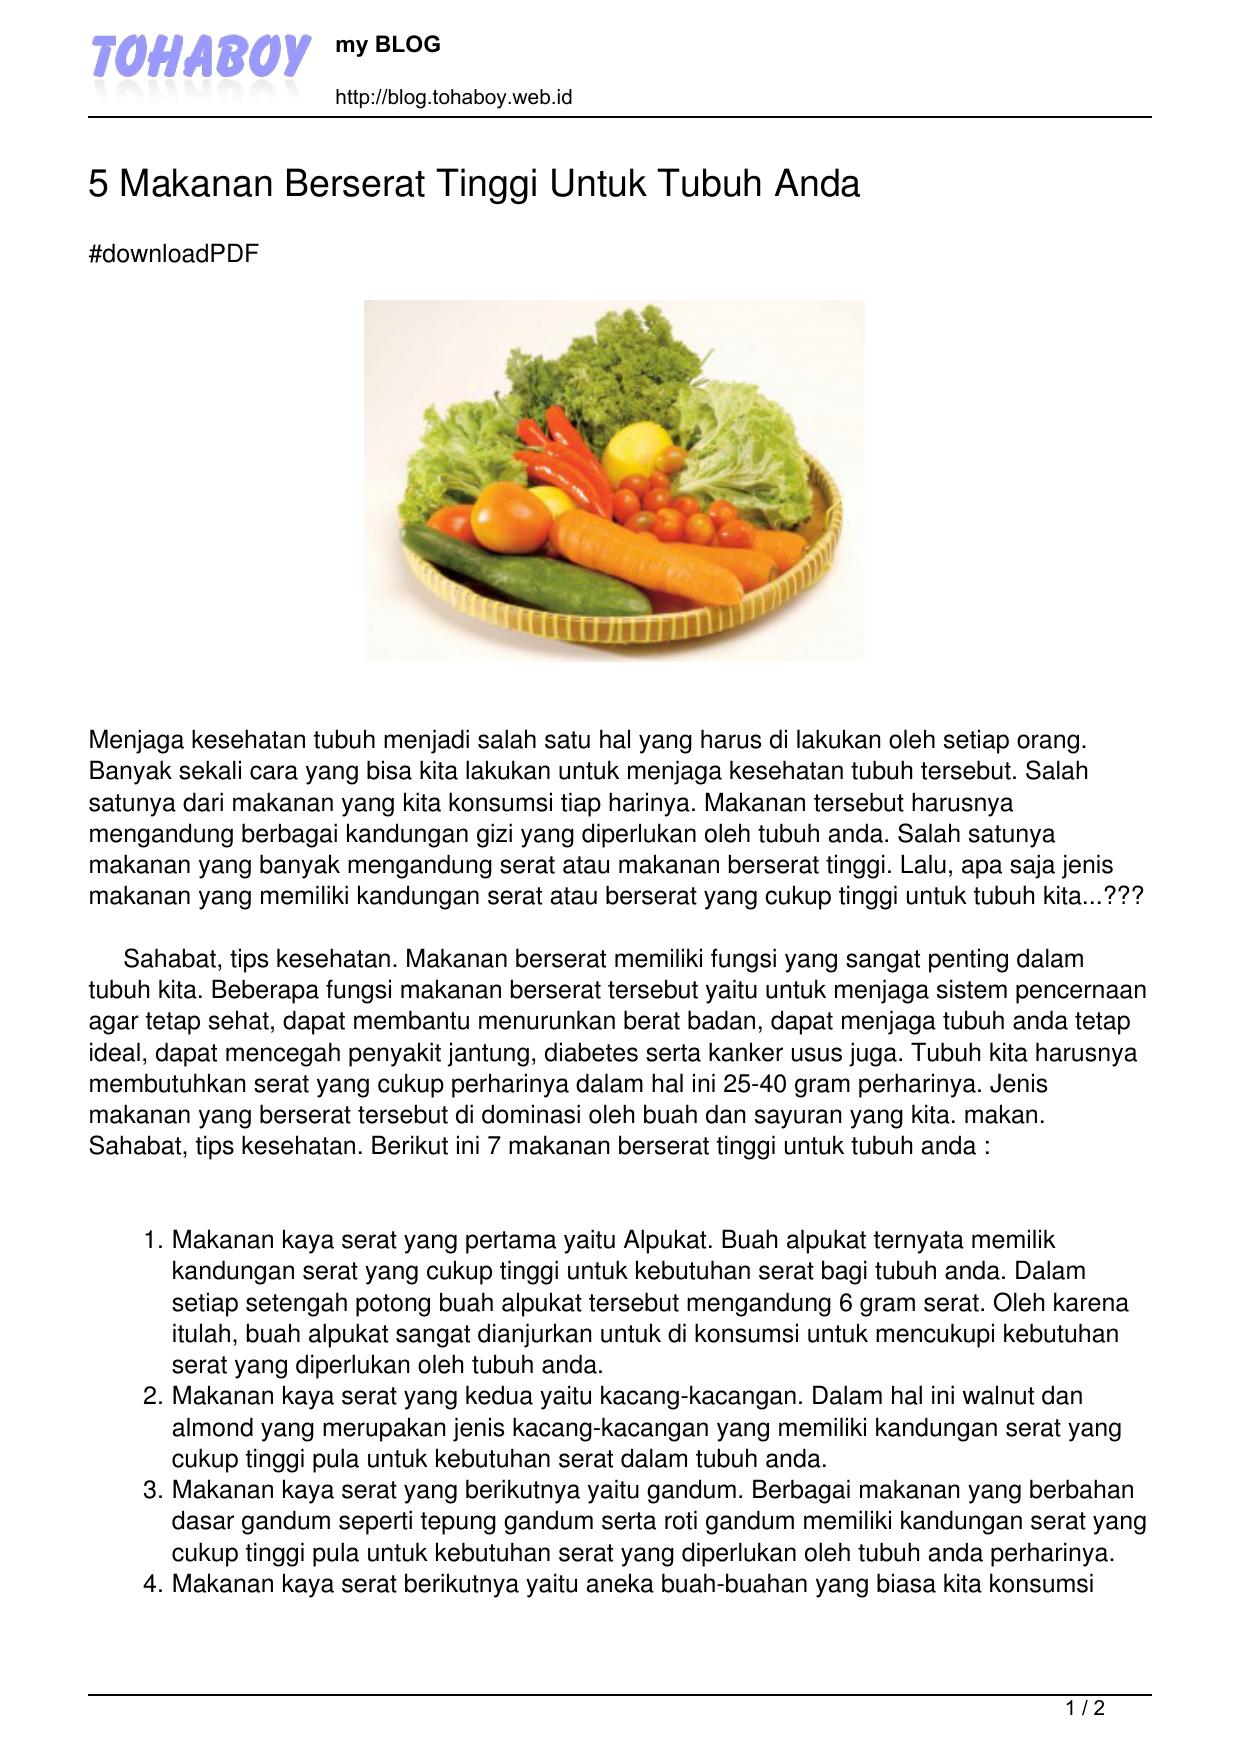 5 Makanan Berserat Tinggi Untuk Tubuh Anda